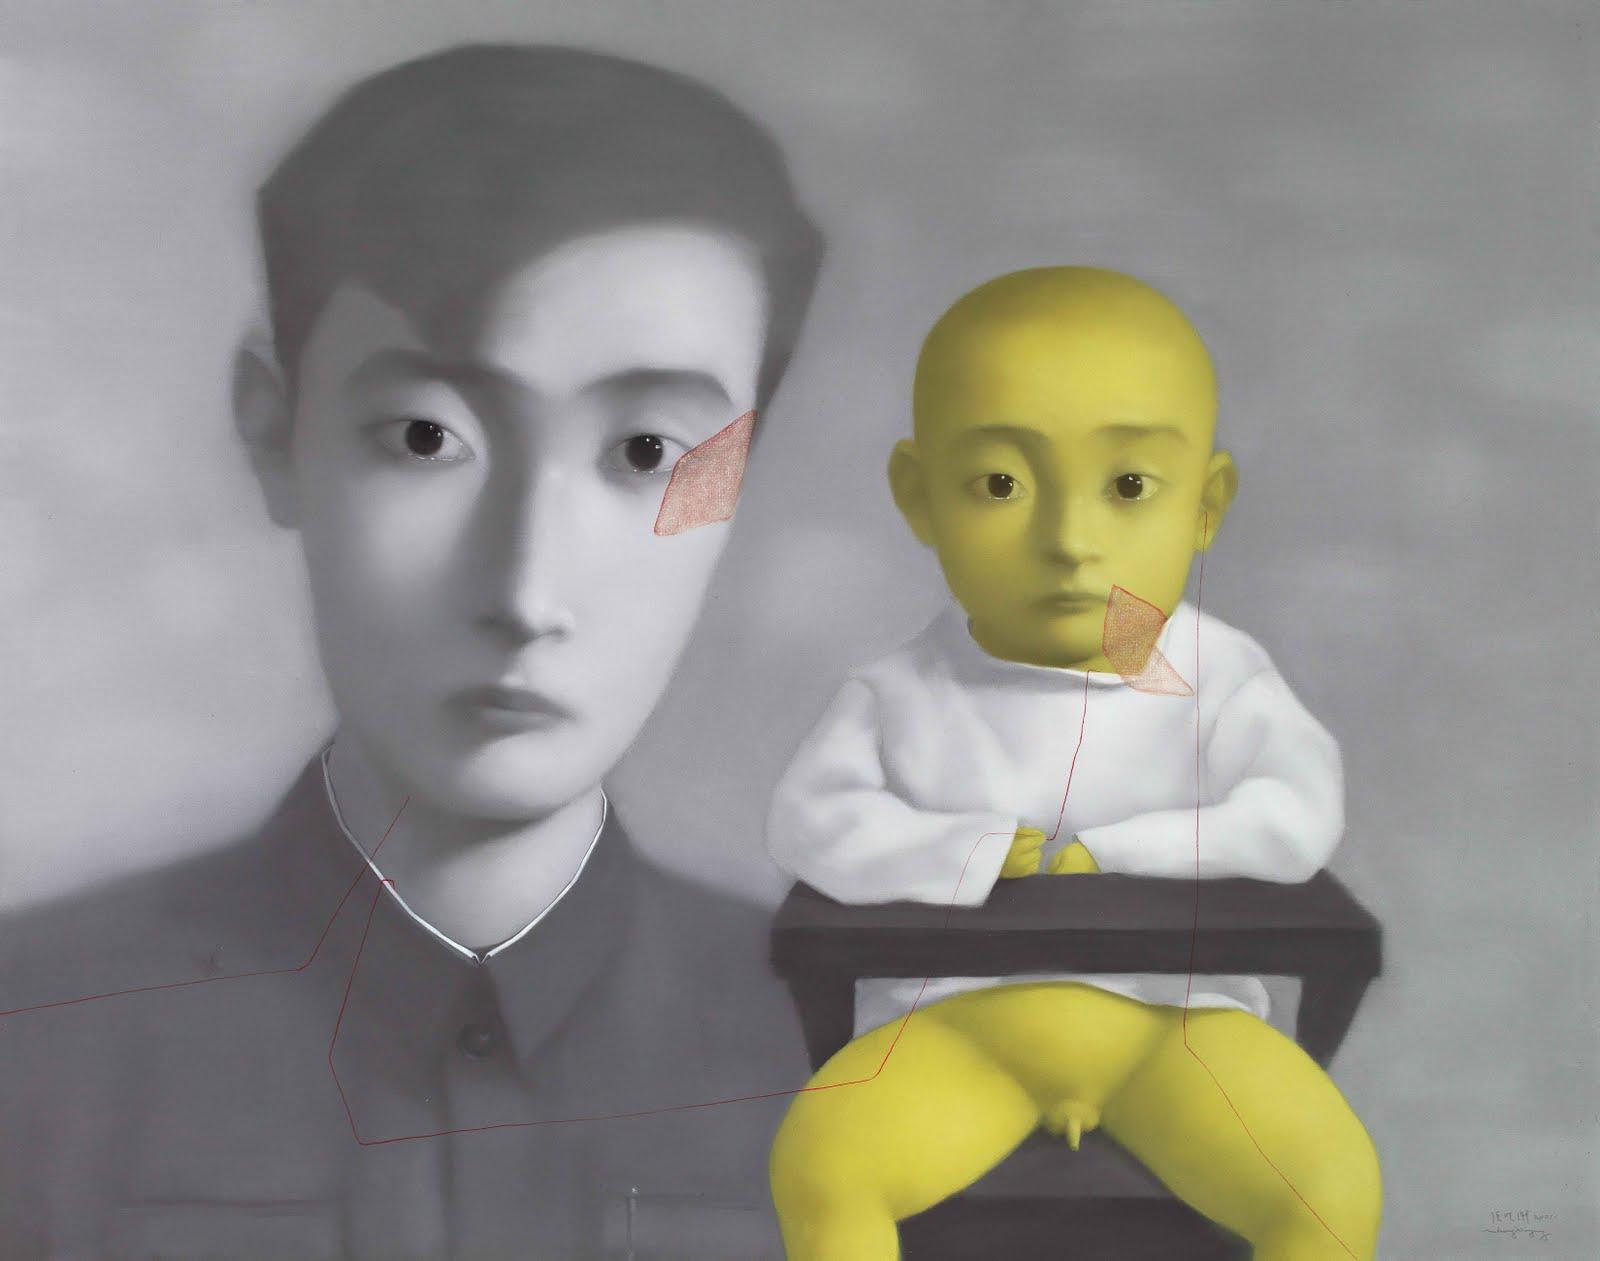 Zhang Xiao gang OIJHGFD